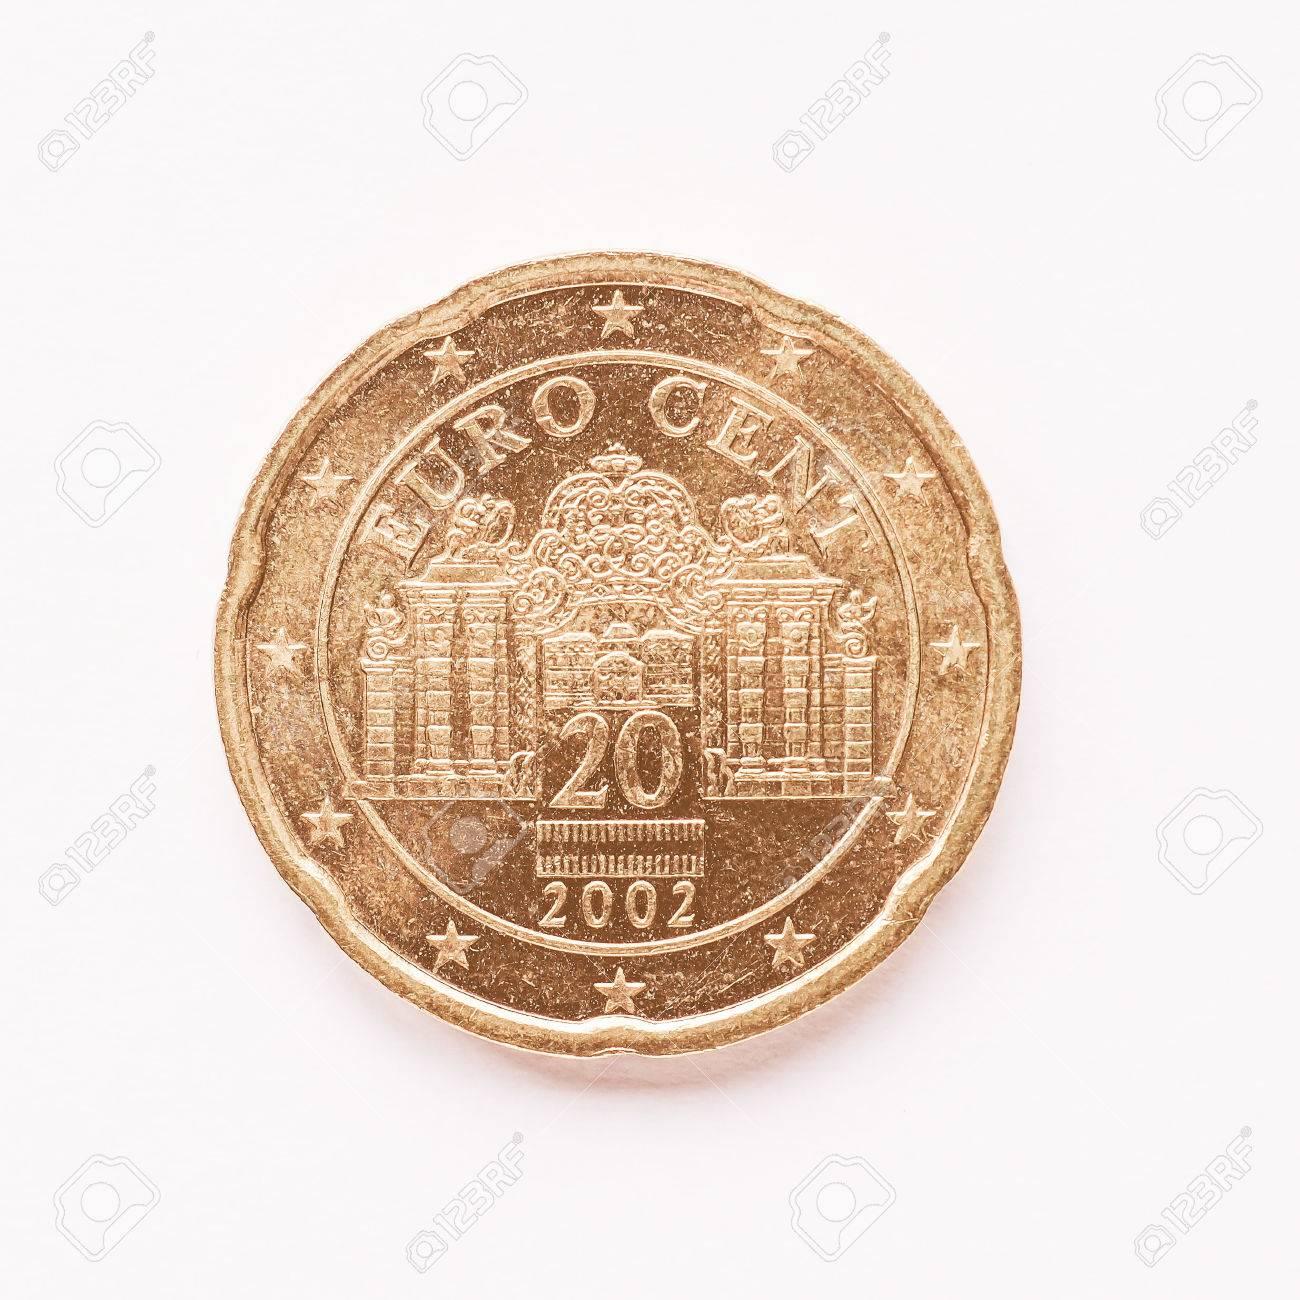 Währung Europa 20 Cent Münze Aus österreich Jahrgang Lizenzfreie